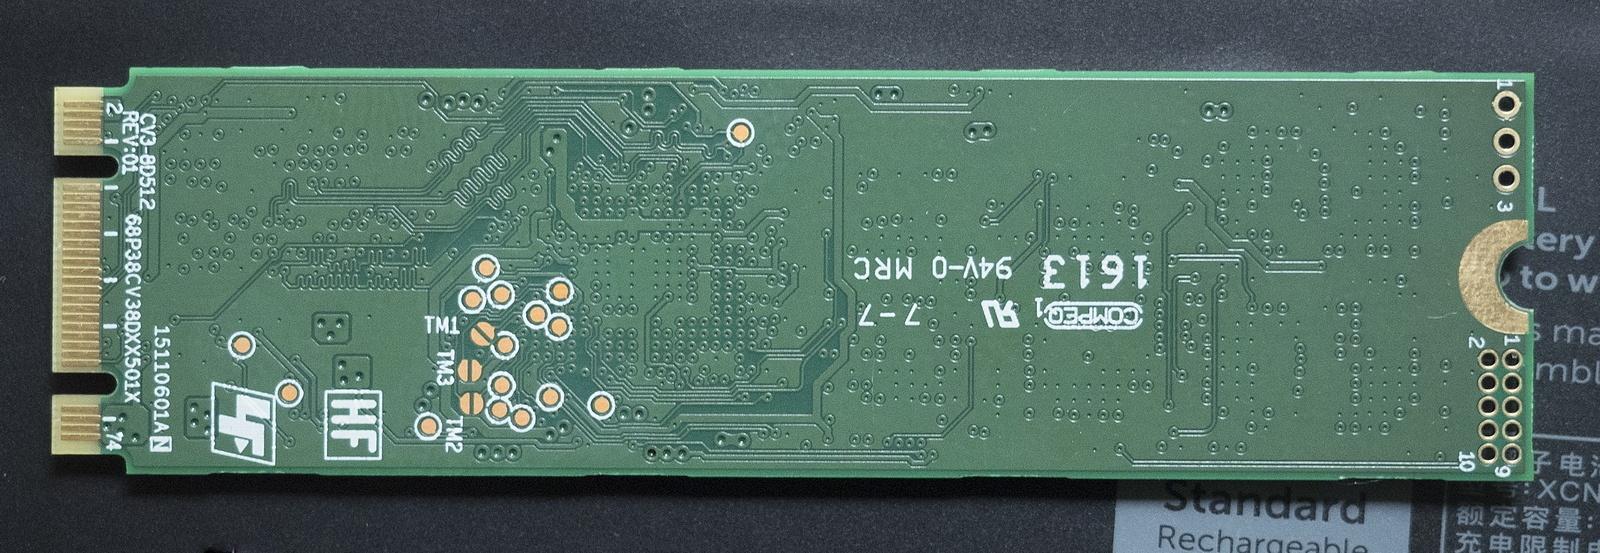 Обзор ультрабука Dell Latitude 13 (7370): Без шума, пыли и сомнений - 7